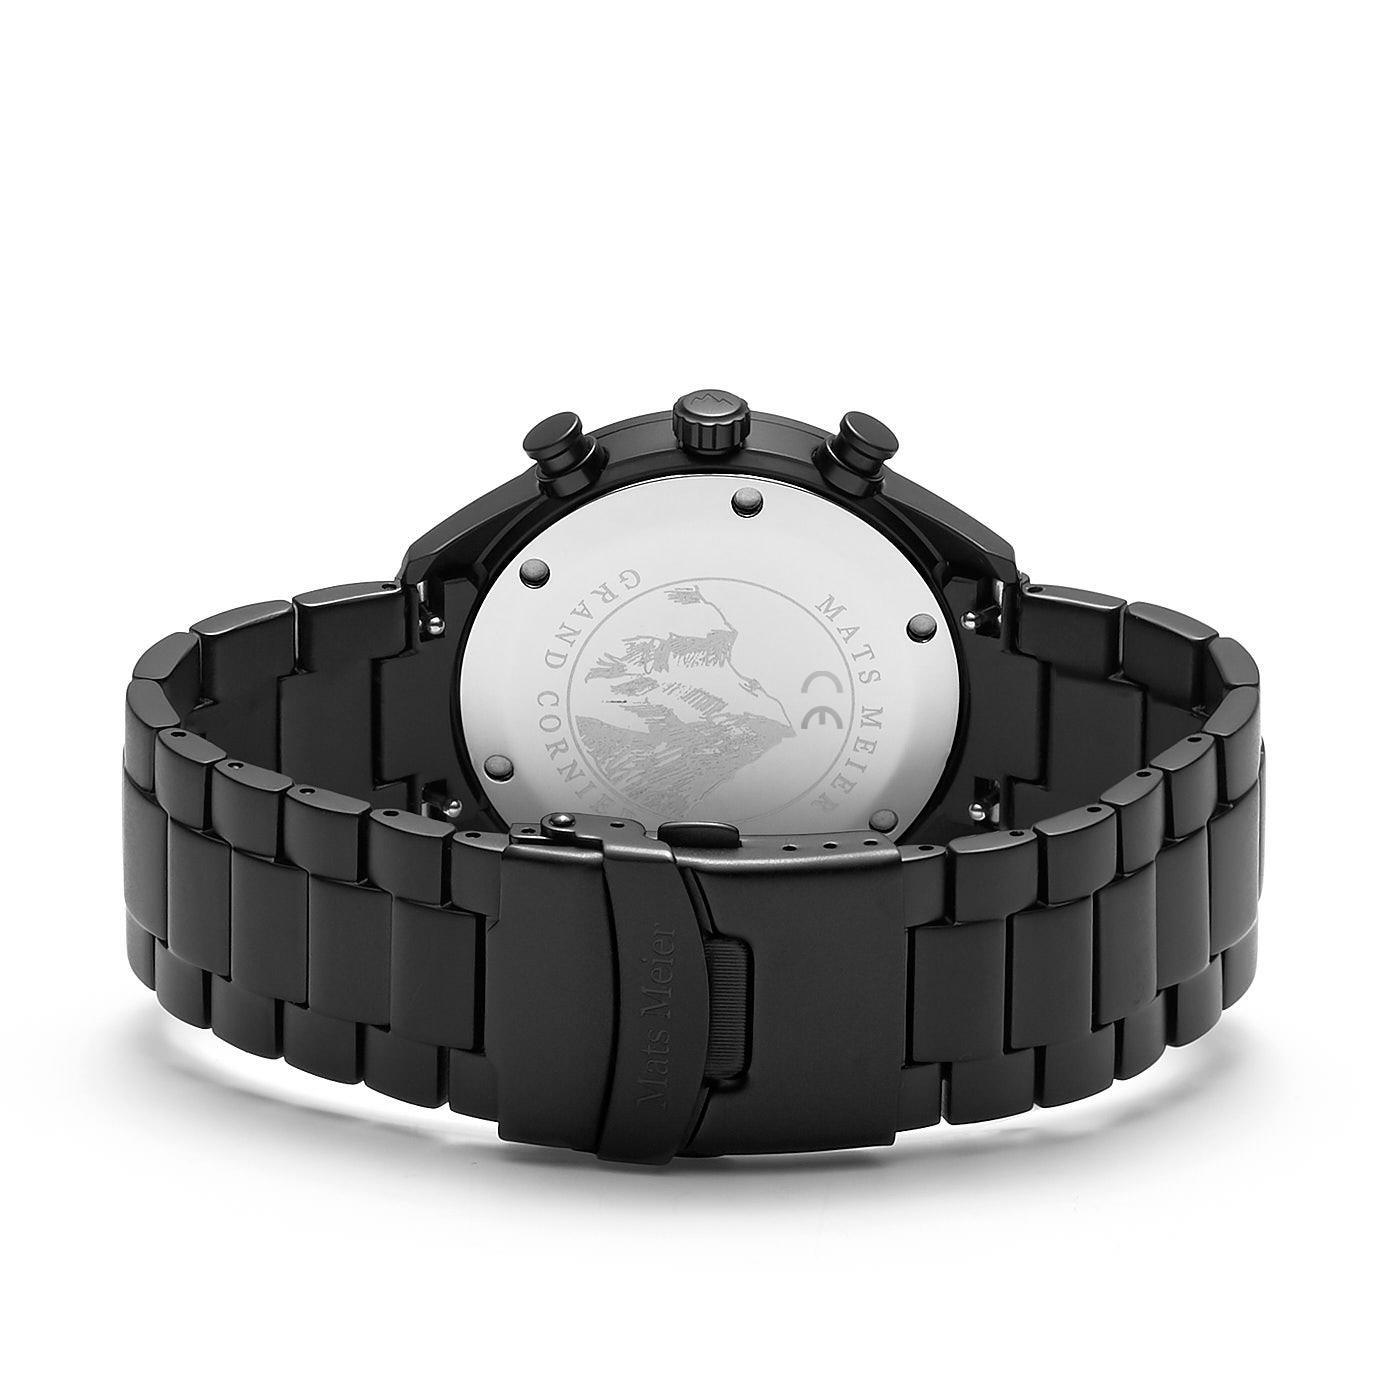 Mats Meier Grand Cornier chronograaf herenhorloge zwart